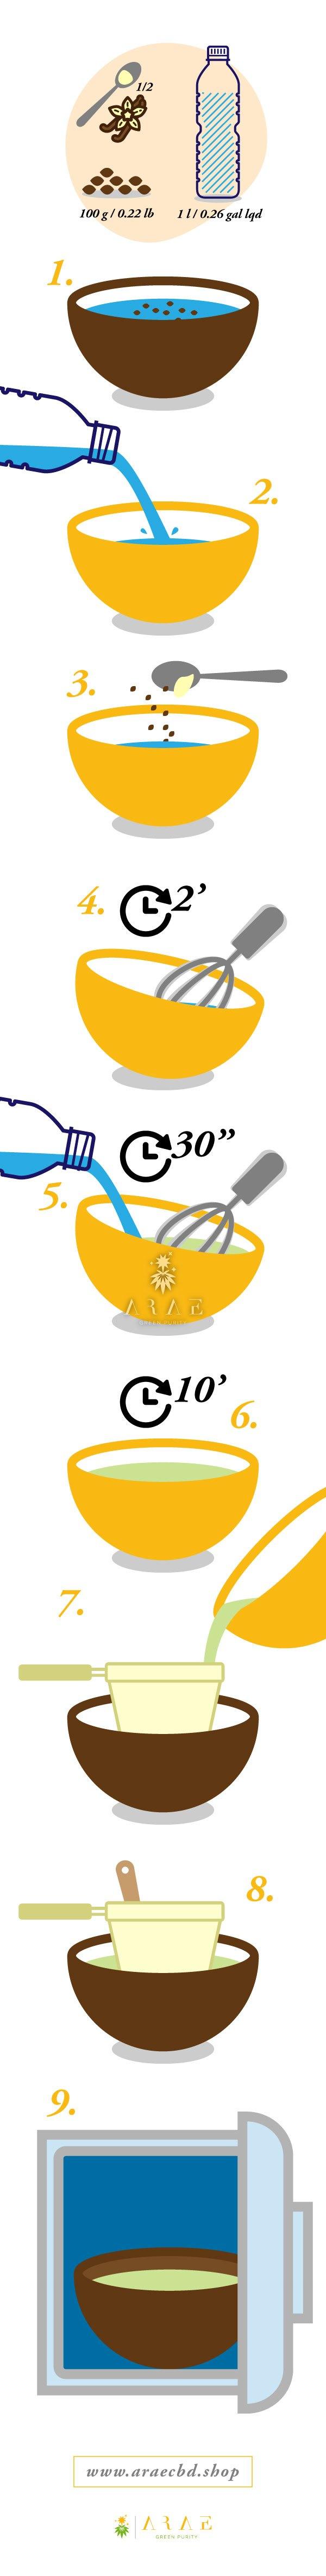 Infografía donde se ven los pasos a seguir para preparar leche de cáñamo*